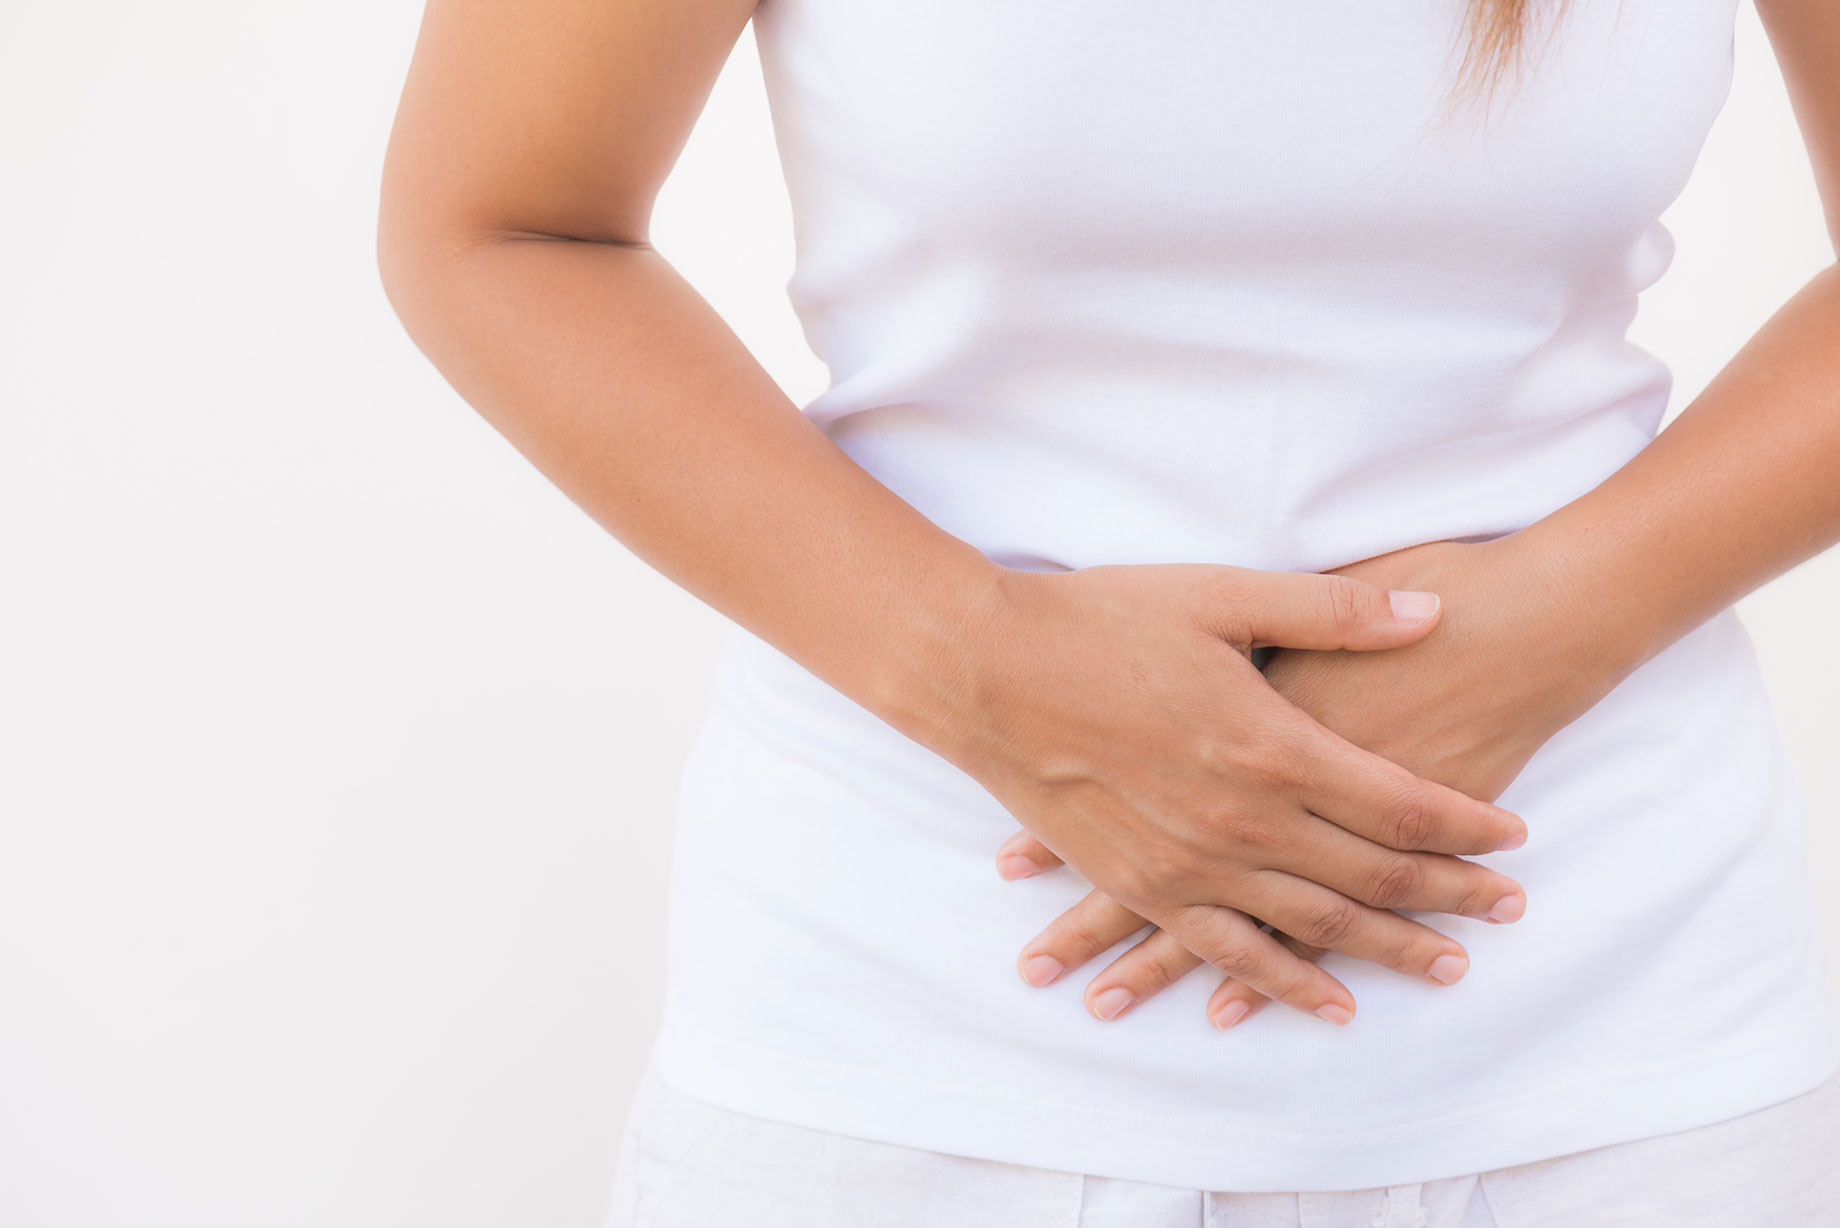 Signes de la grossesse - Symptômes